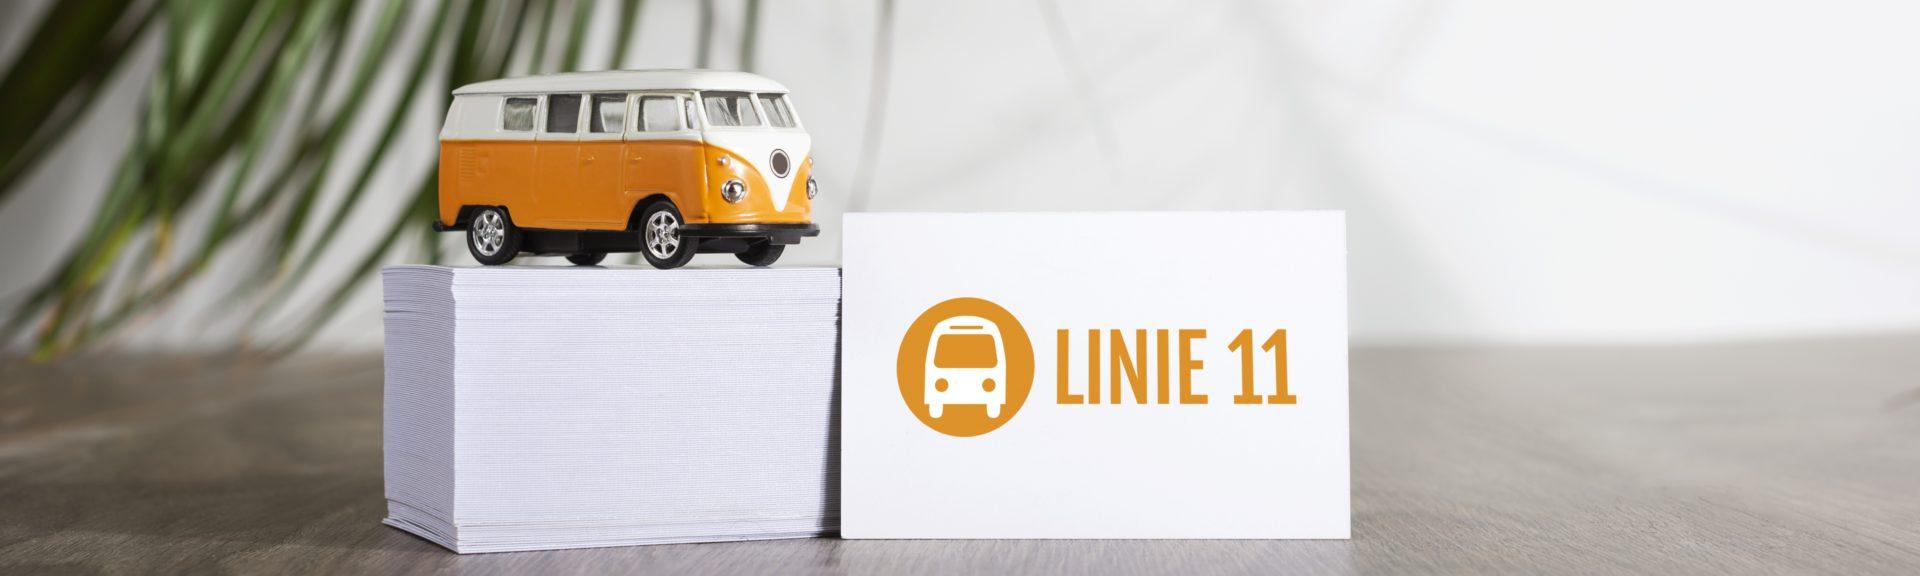 Auf einem Holztisch steht ein Stabel mit Visitenkarten. Auf dem Stapel befindet sich ein orangefarbener Spielzeug-VW-Bus mit weißem Dach. An den Stapel angelehnt steht eine einzelne Visitenkarte mit dem Logo der Linie 11.